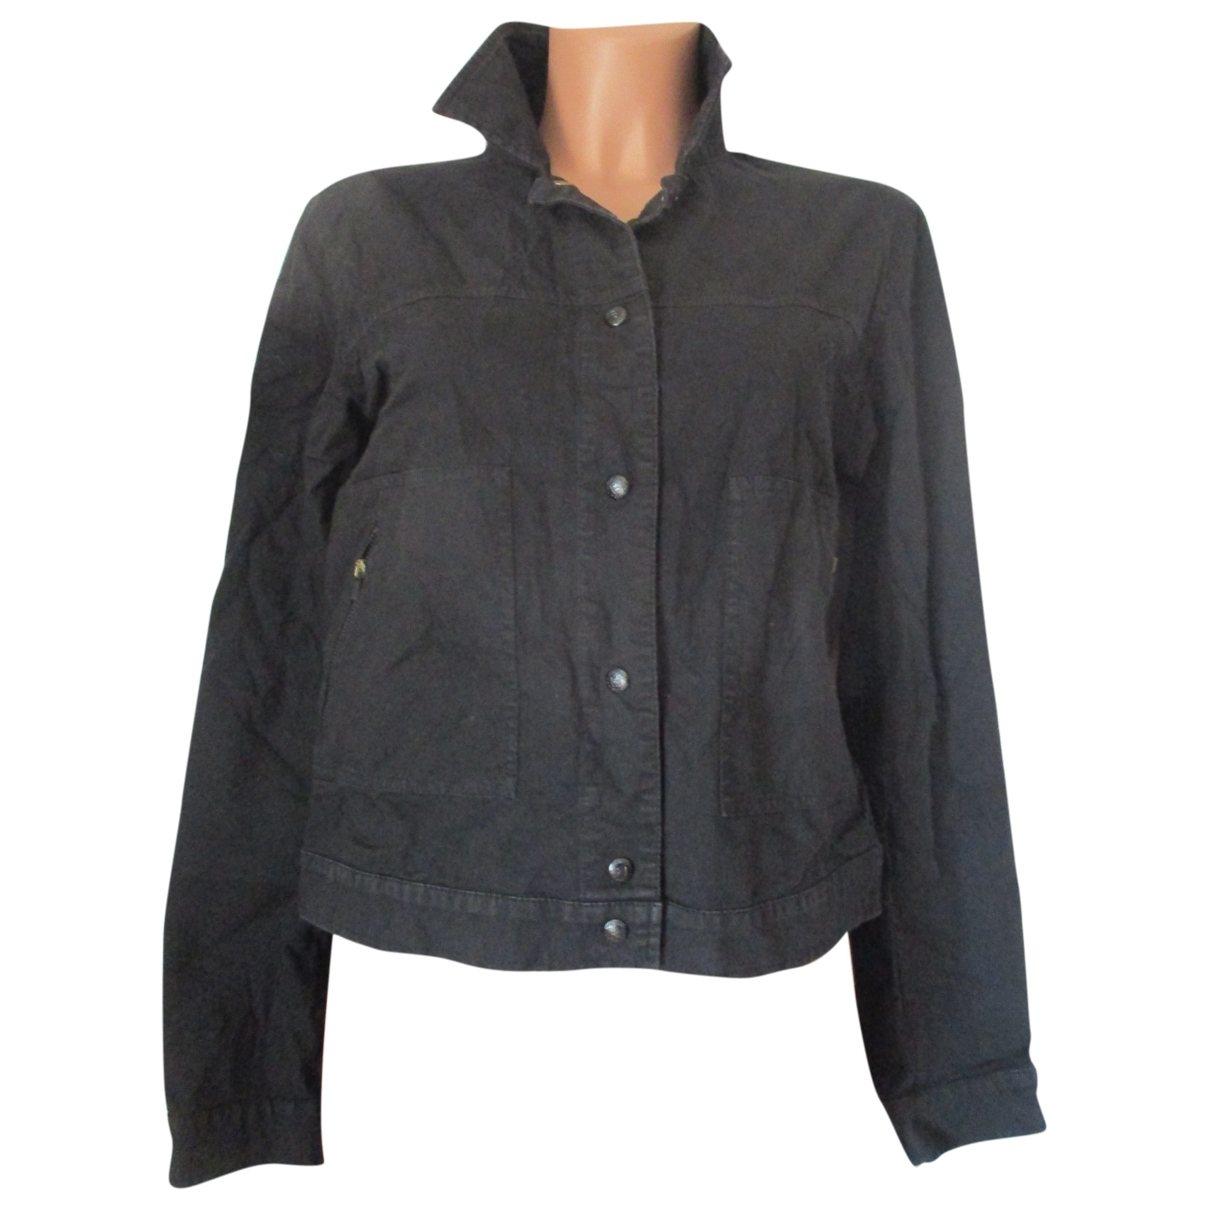 Fendi \N Black Cotton jacket for Women 42 IT